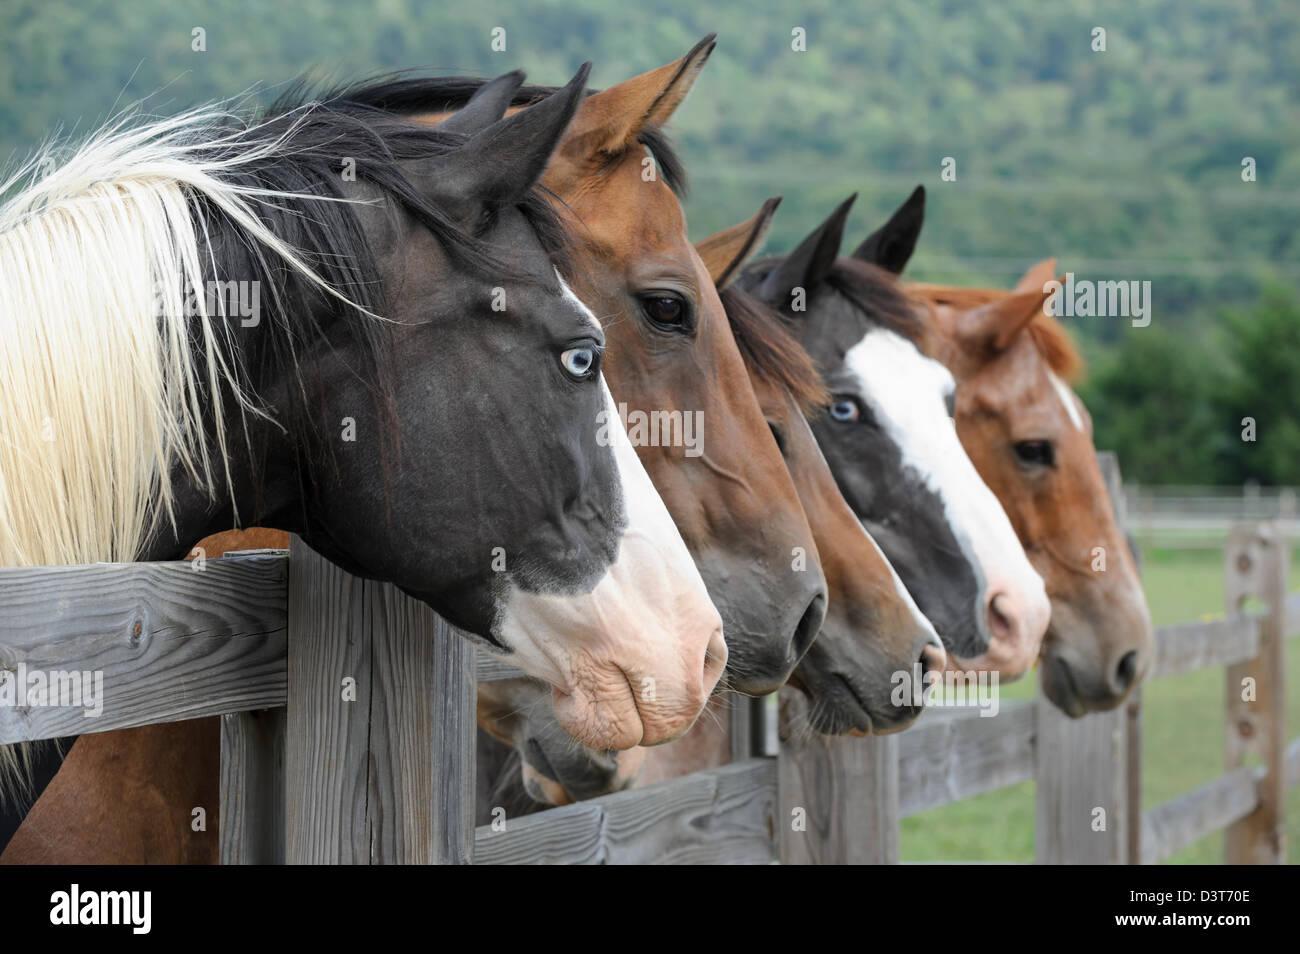 Chevaux alignés à la clôture plus comme un groupe à droite de l'appareil photo, vue de côté, un animal avec des yeux bleus perçants. Banque D'Images